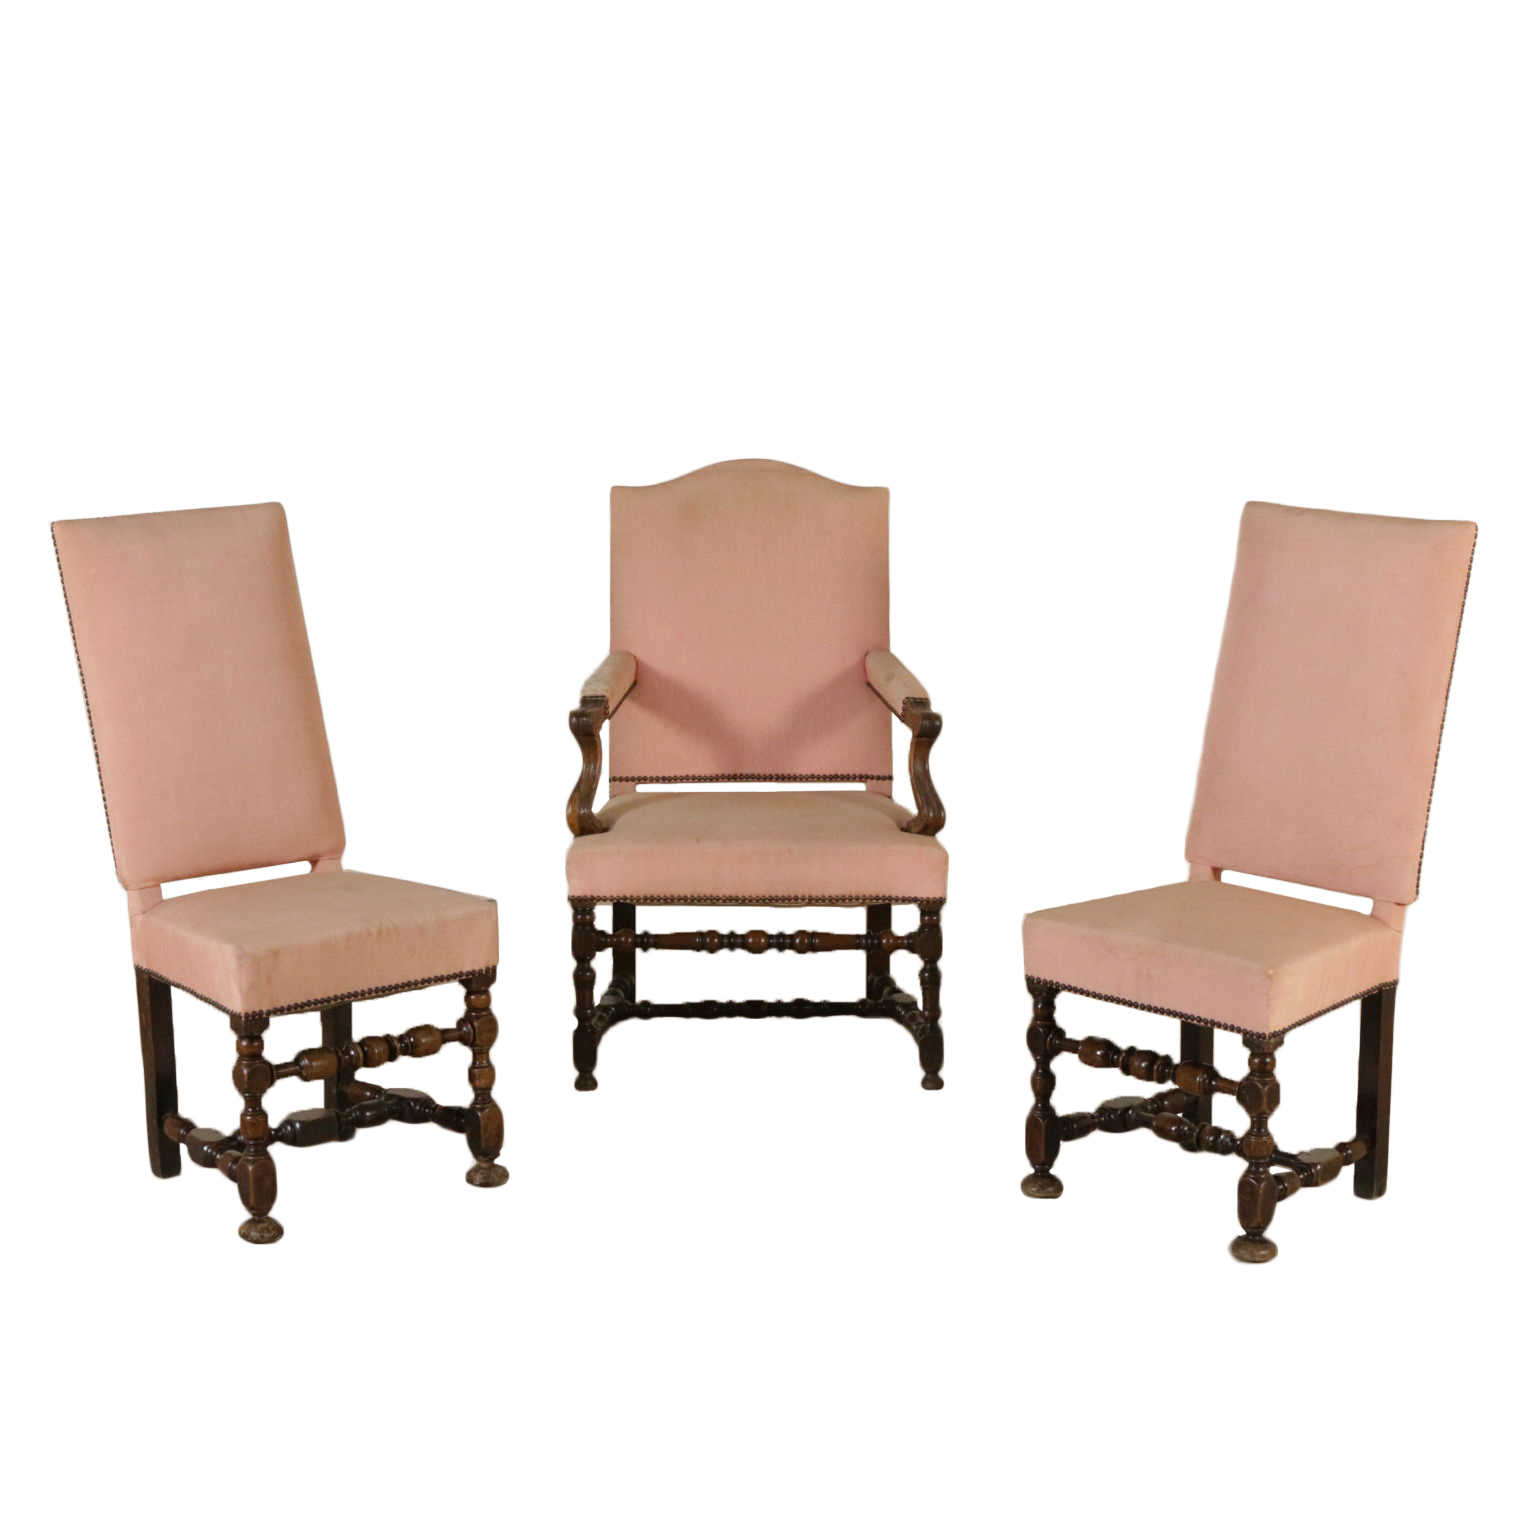 Poltrona e coppia sedie rocchetto sedie poltrone divani for Sedie a poltrona